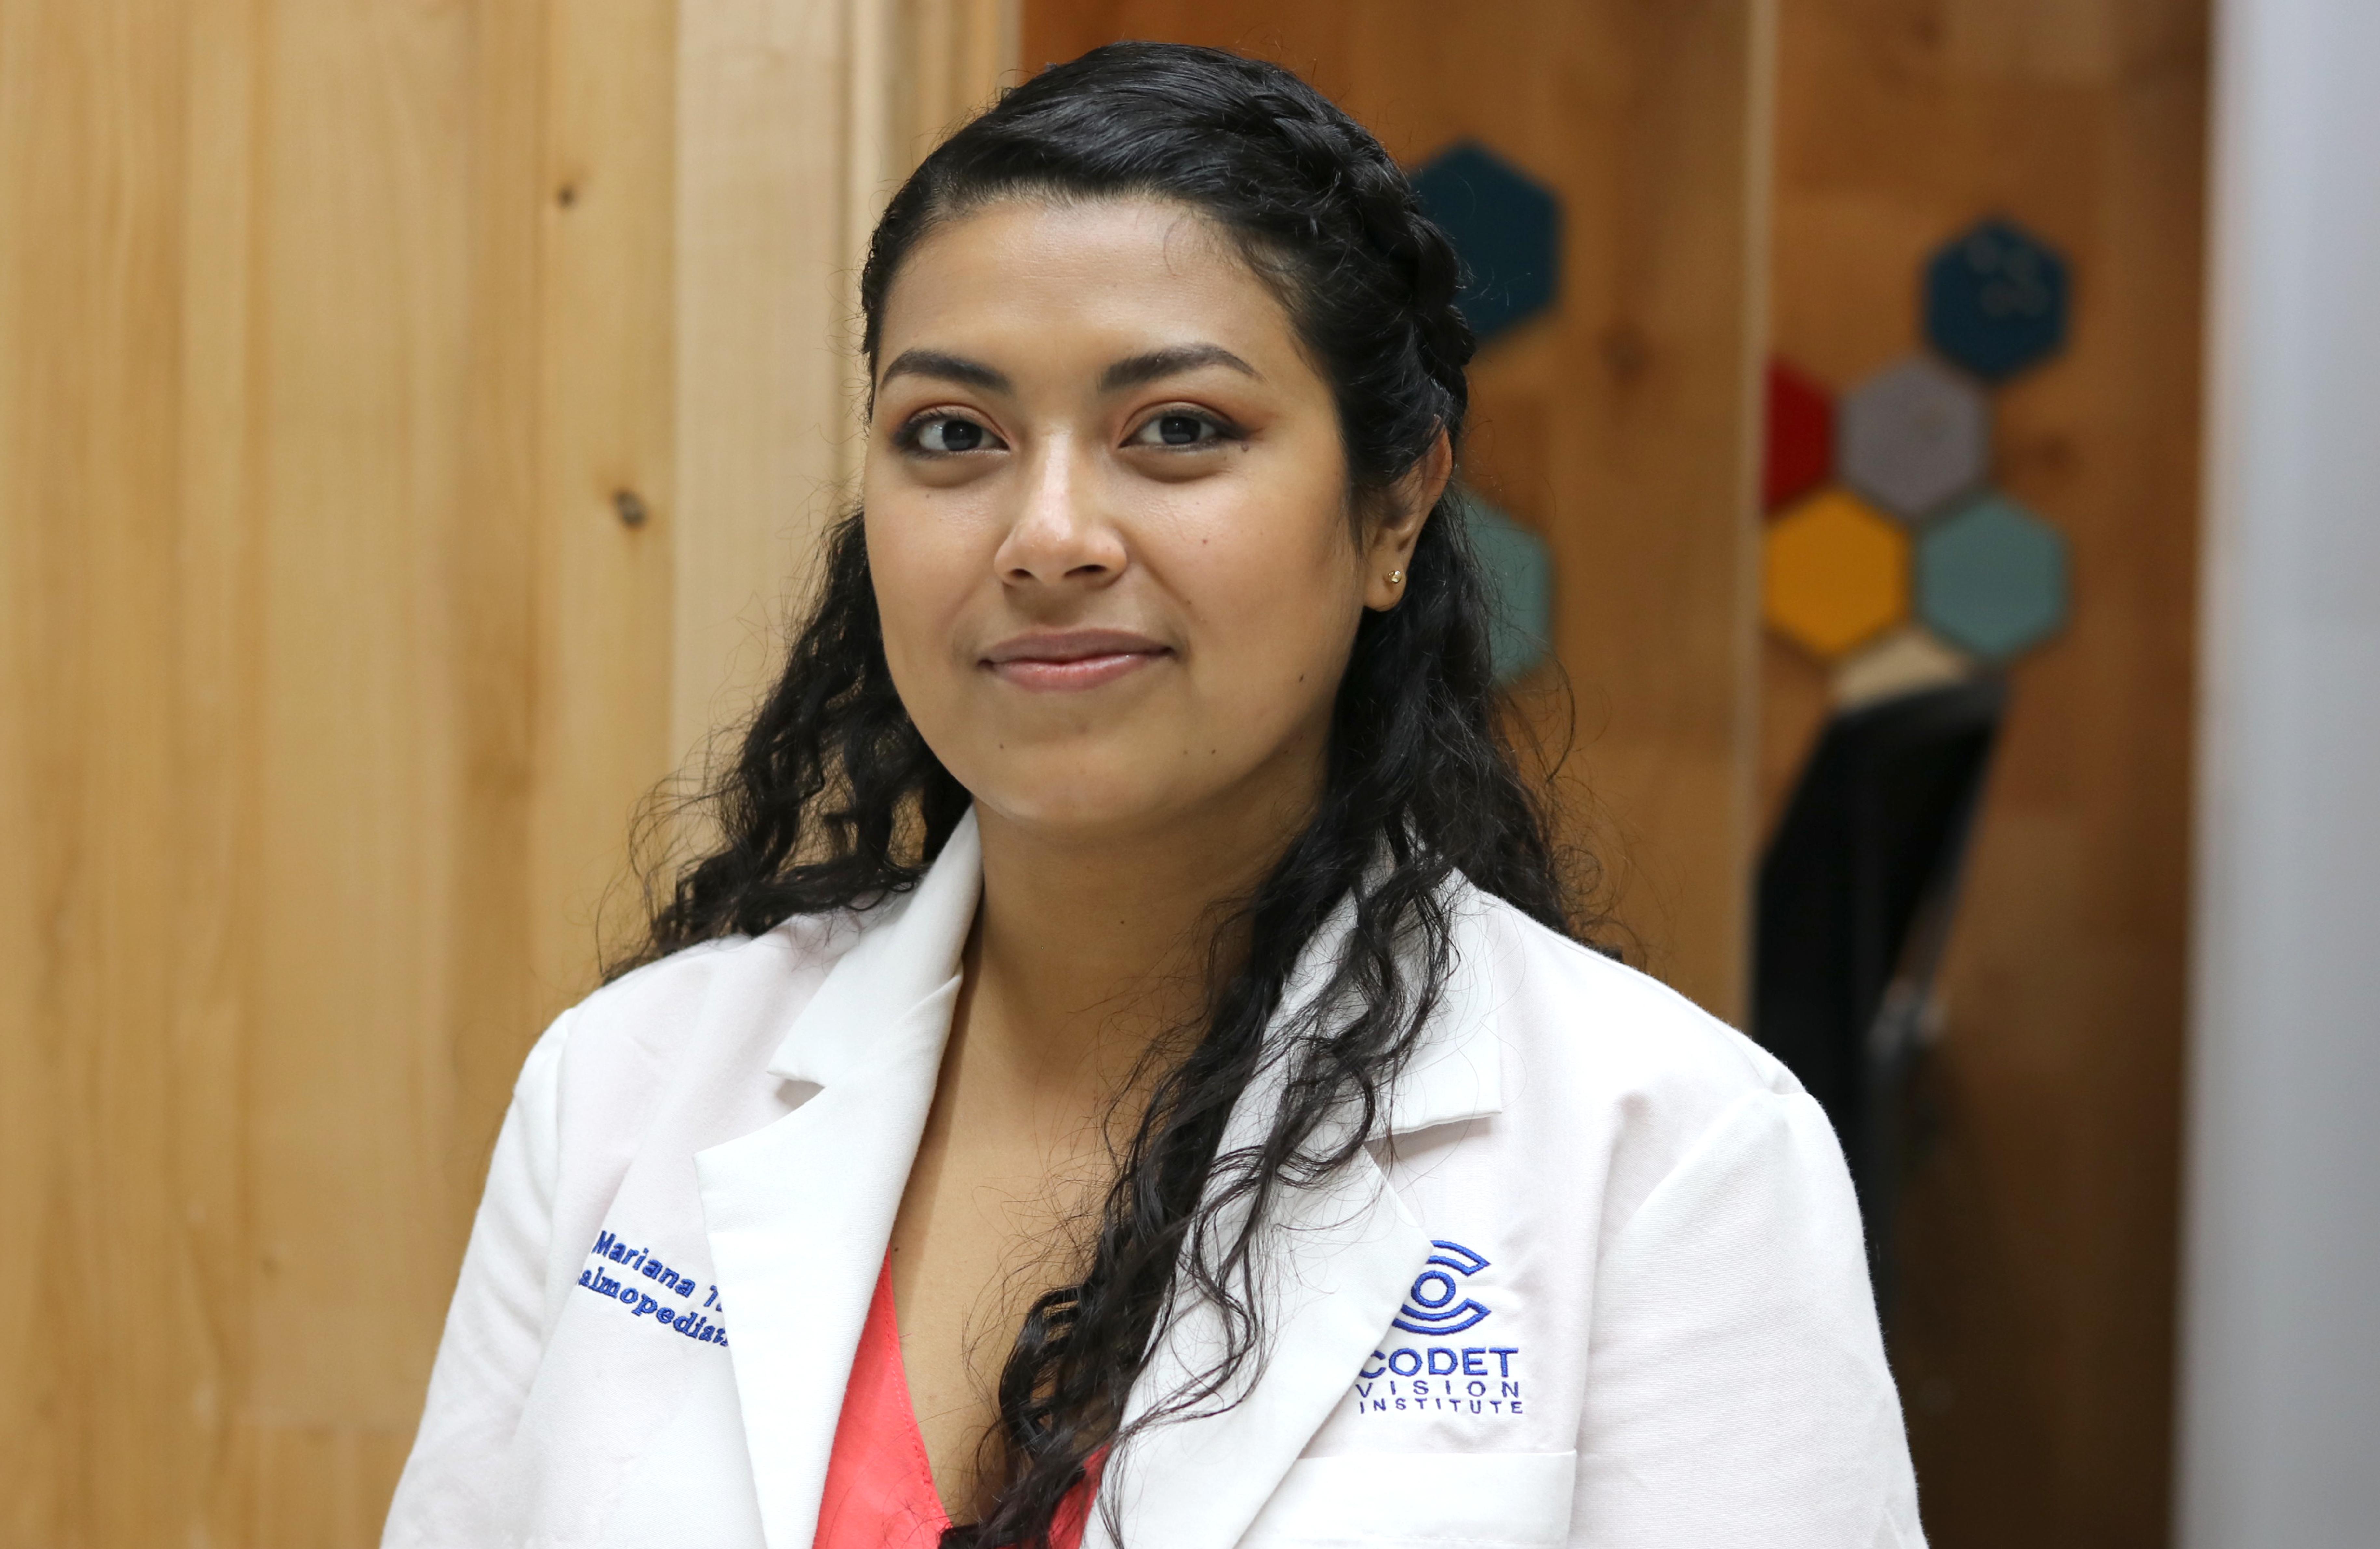 Dra. Tabares Mariana